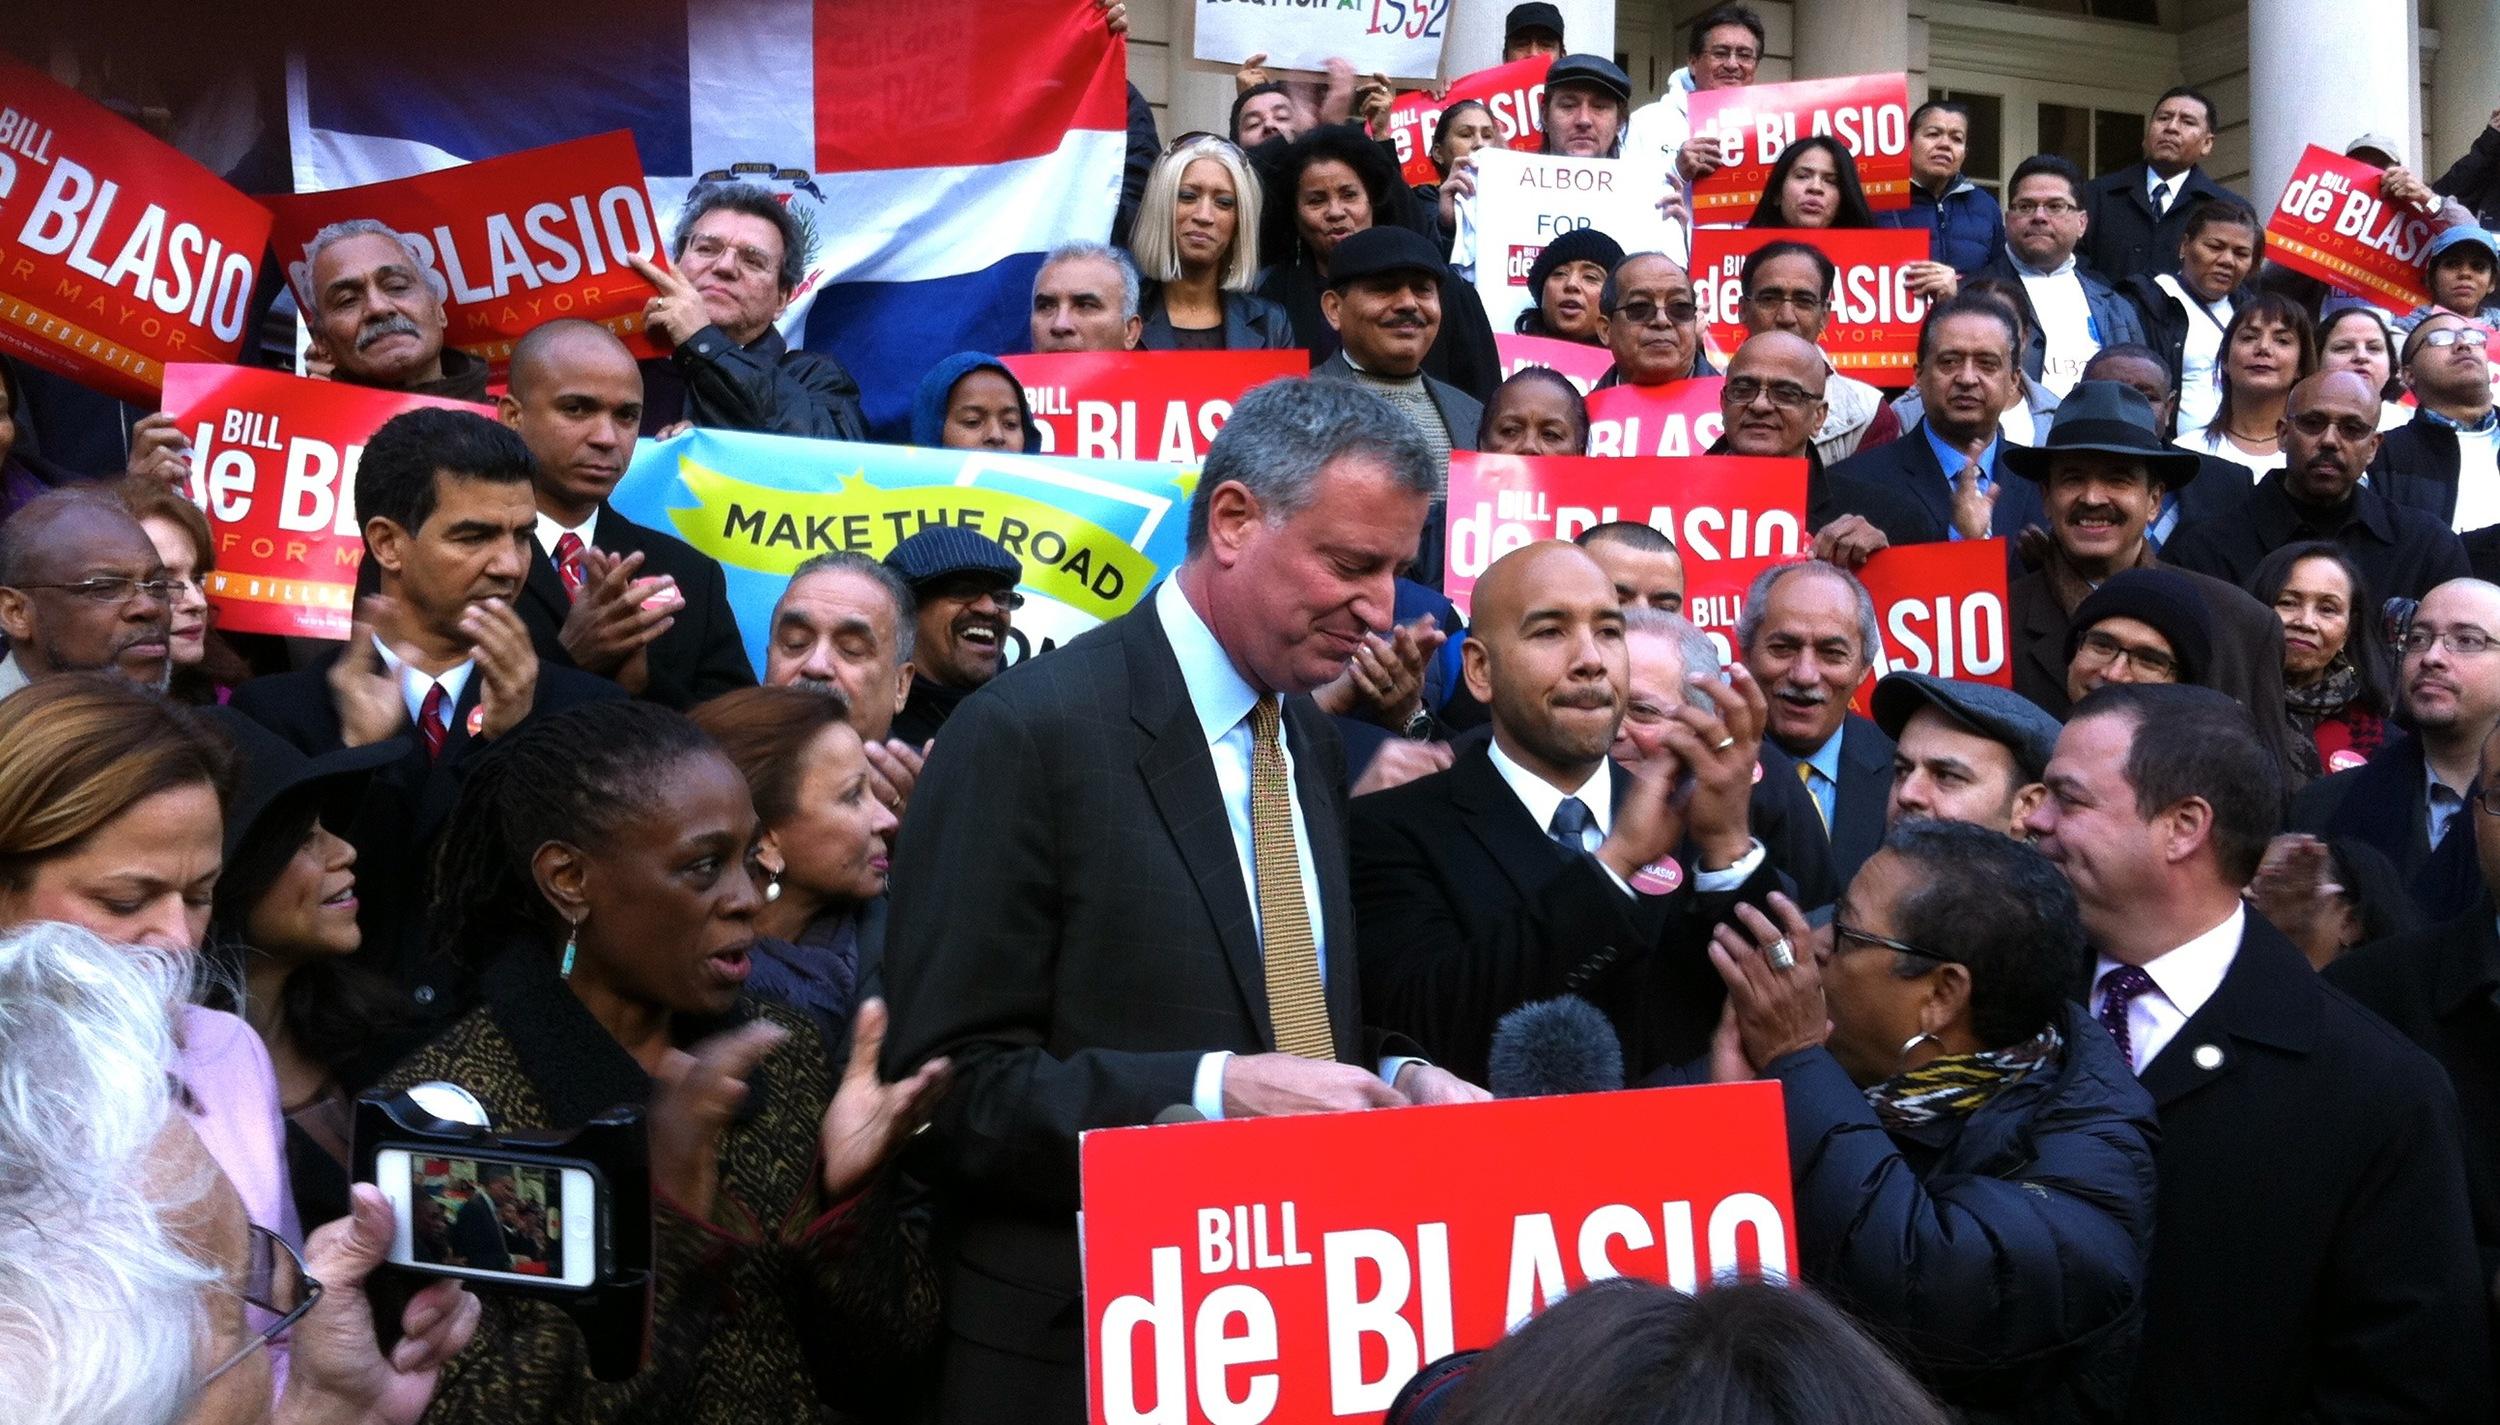 Bill de Blasio and wife attend rally at City Hall.  ©2013 Rita Rivera